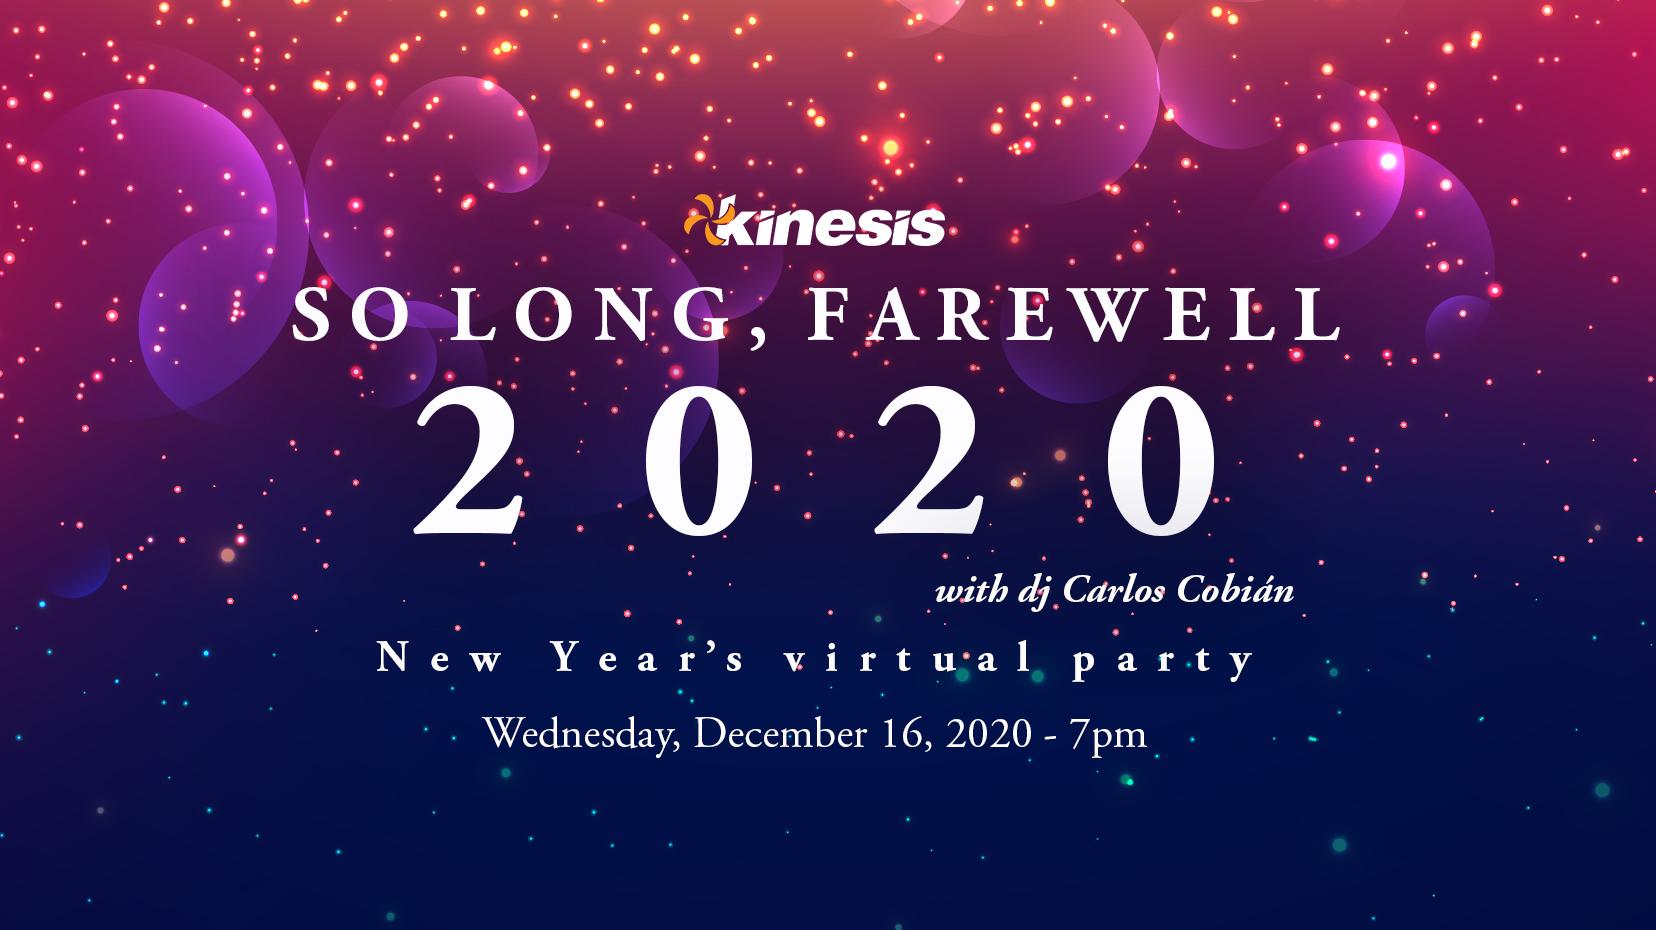 Kinesis celebra la Navidad y despide el año en apoyo a estudiantes en su evento: So Long, Farewell 2020